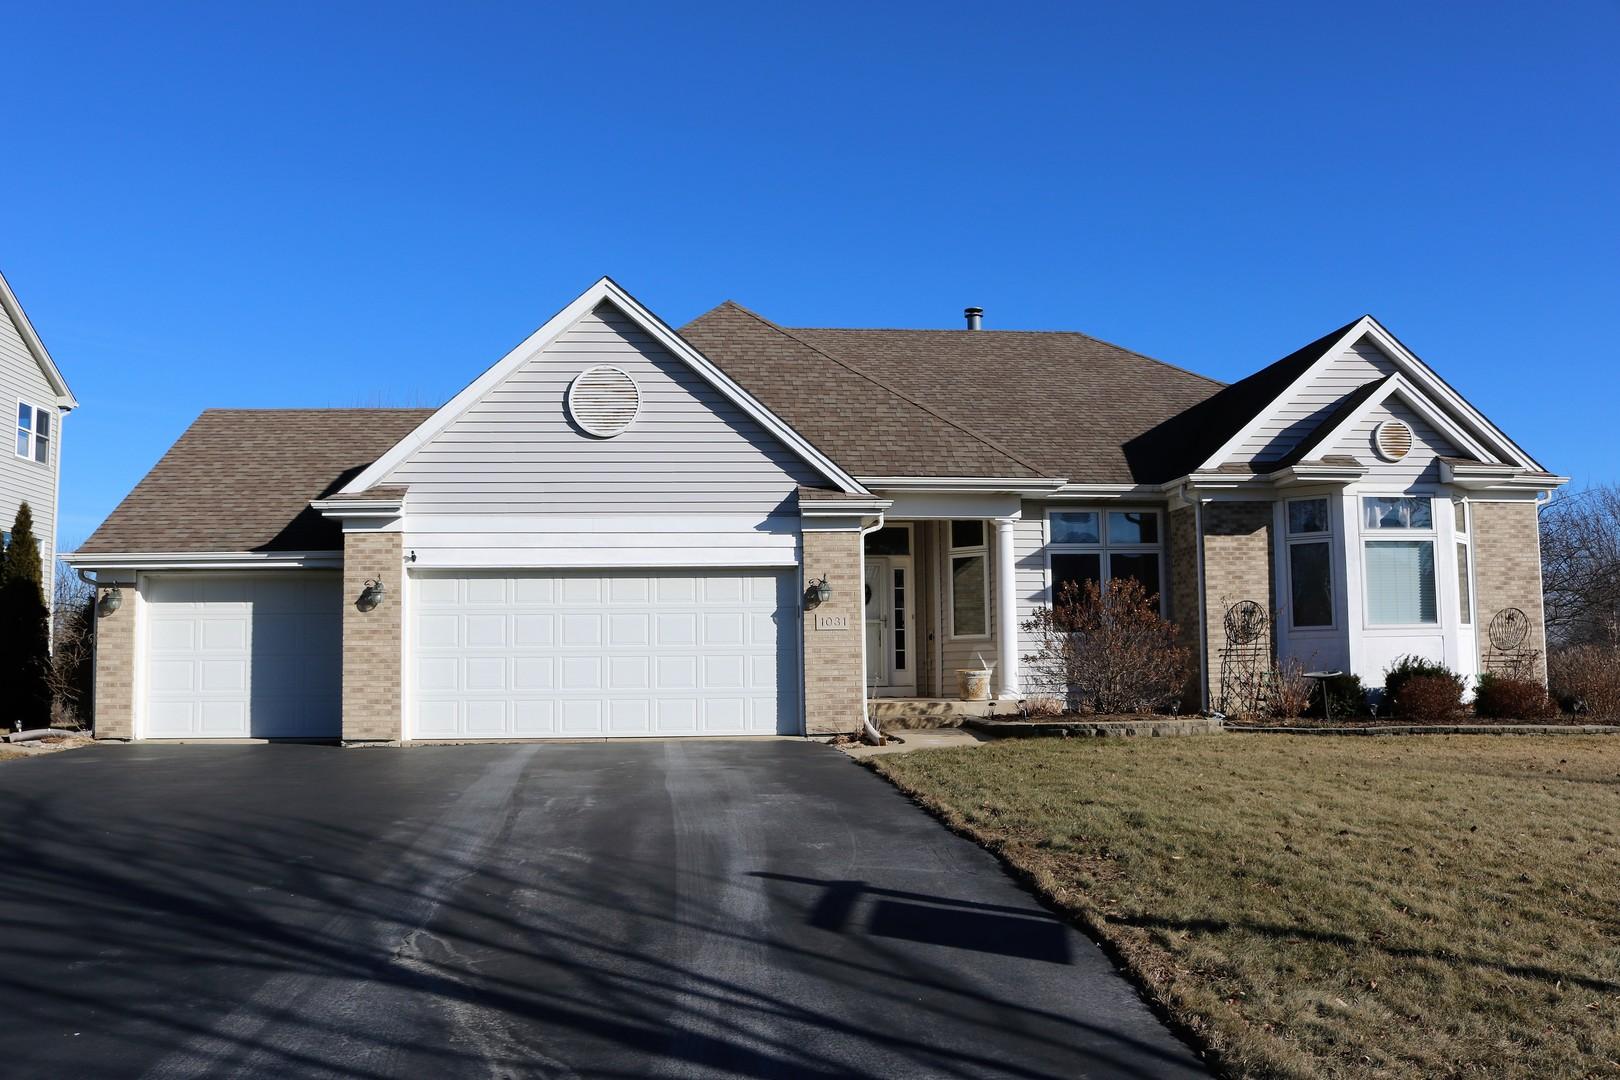 Property for sale at 1031 Par Drive, Algonquin,  IL 60102